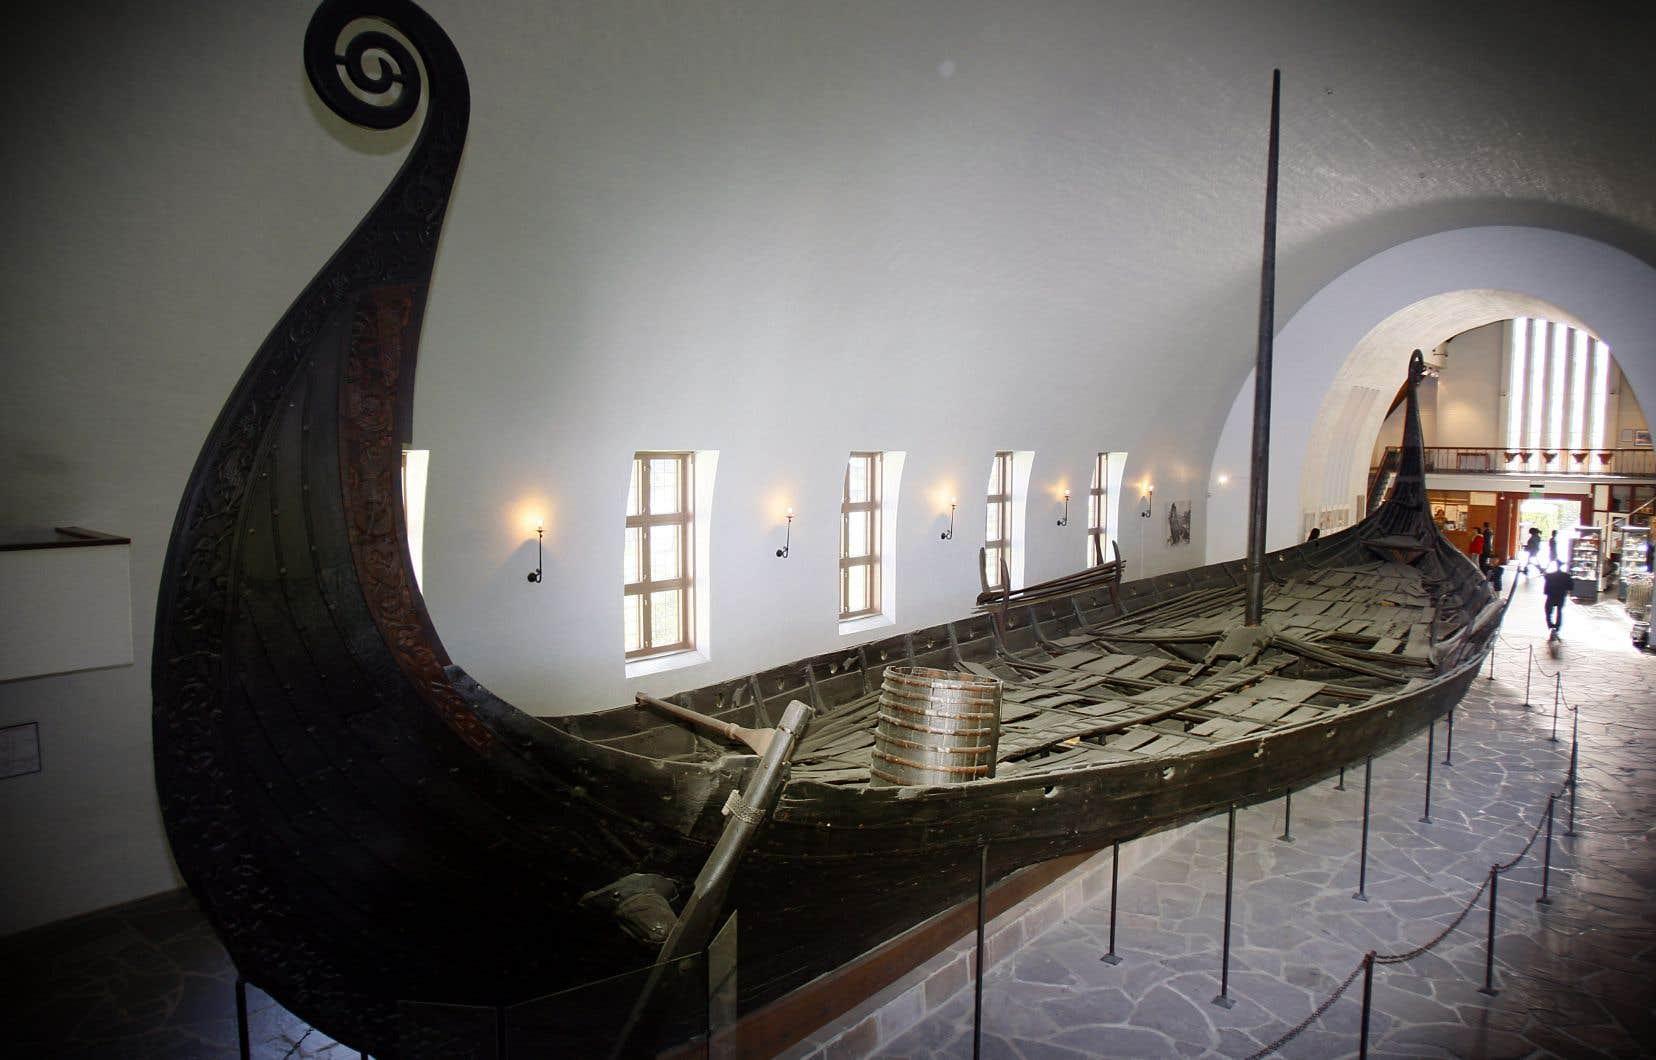 Seuls trois bateaux vikings en bon état de conservation ont été découverts dans le passé en Norvège, la dernière fois (le bateau d'Oseberg, sur la photo) en 1903.